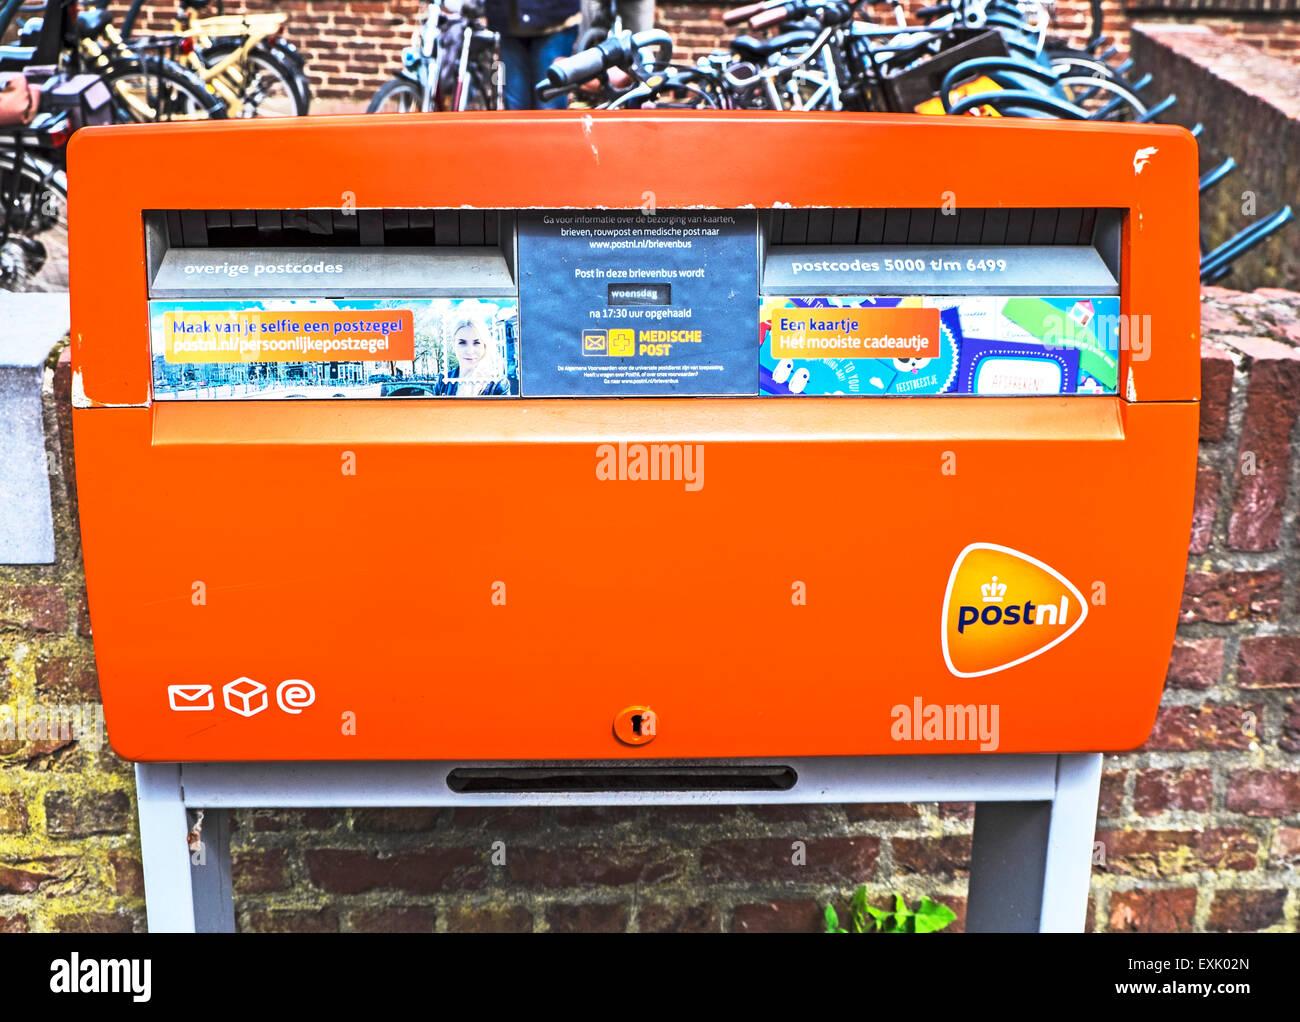 Letter Box in Arcen, Netherlands: Briefkasten in Arcen, Niederlande - Stock Image